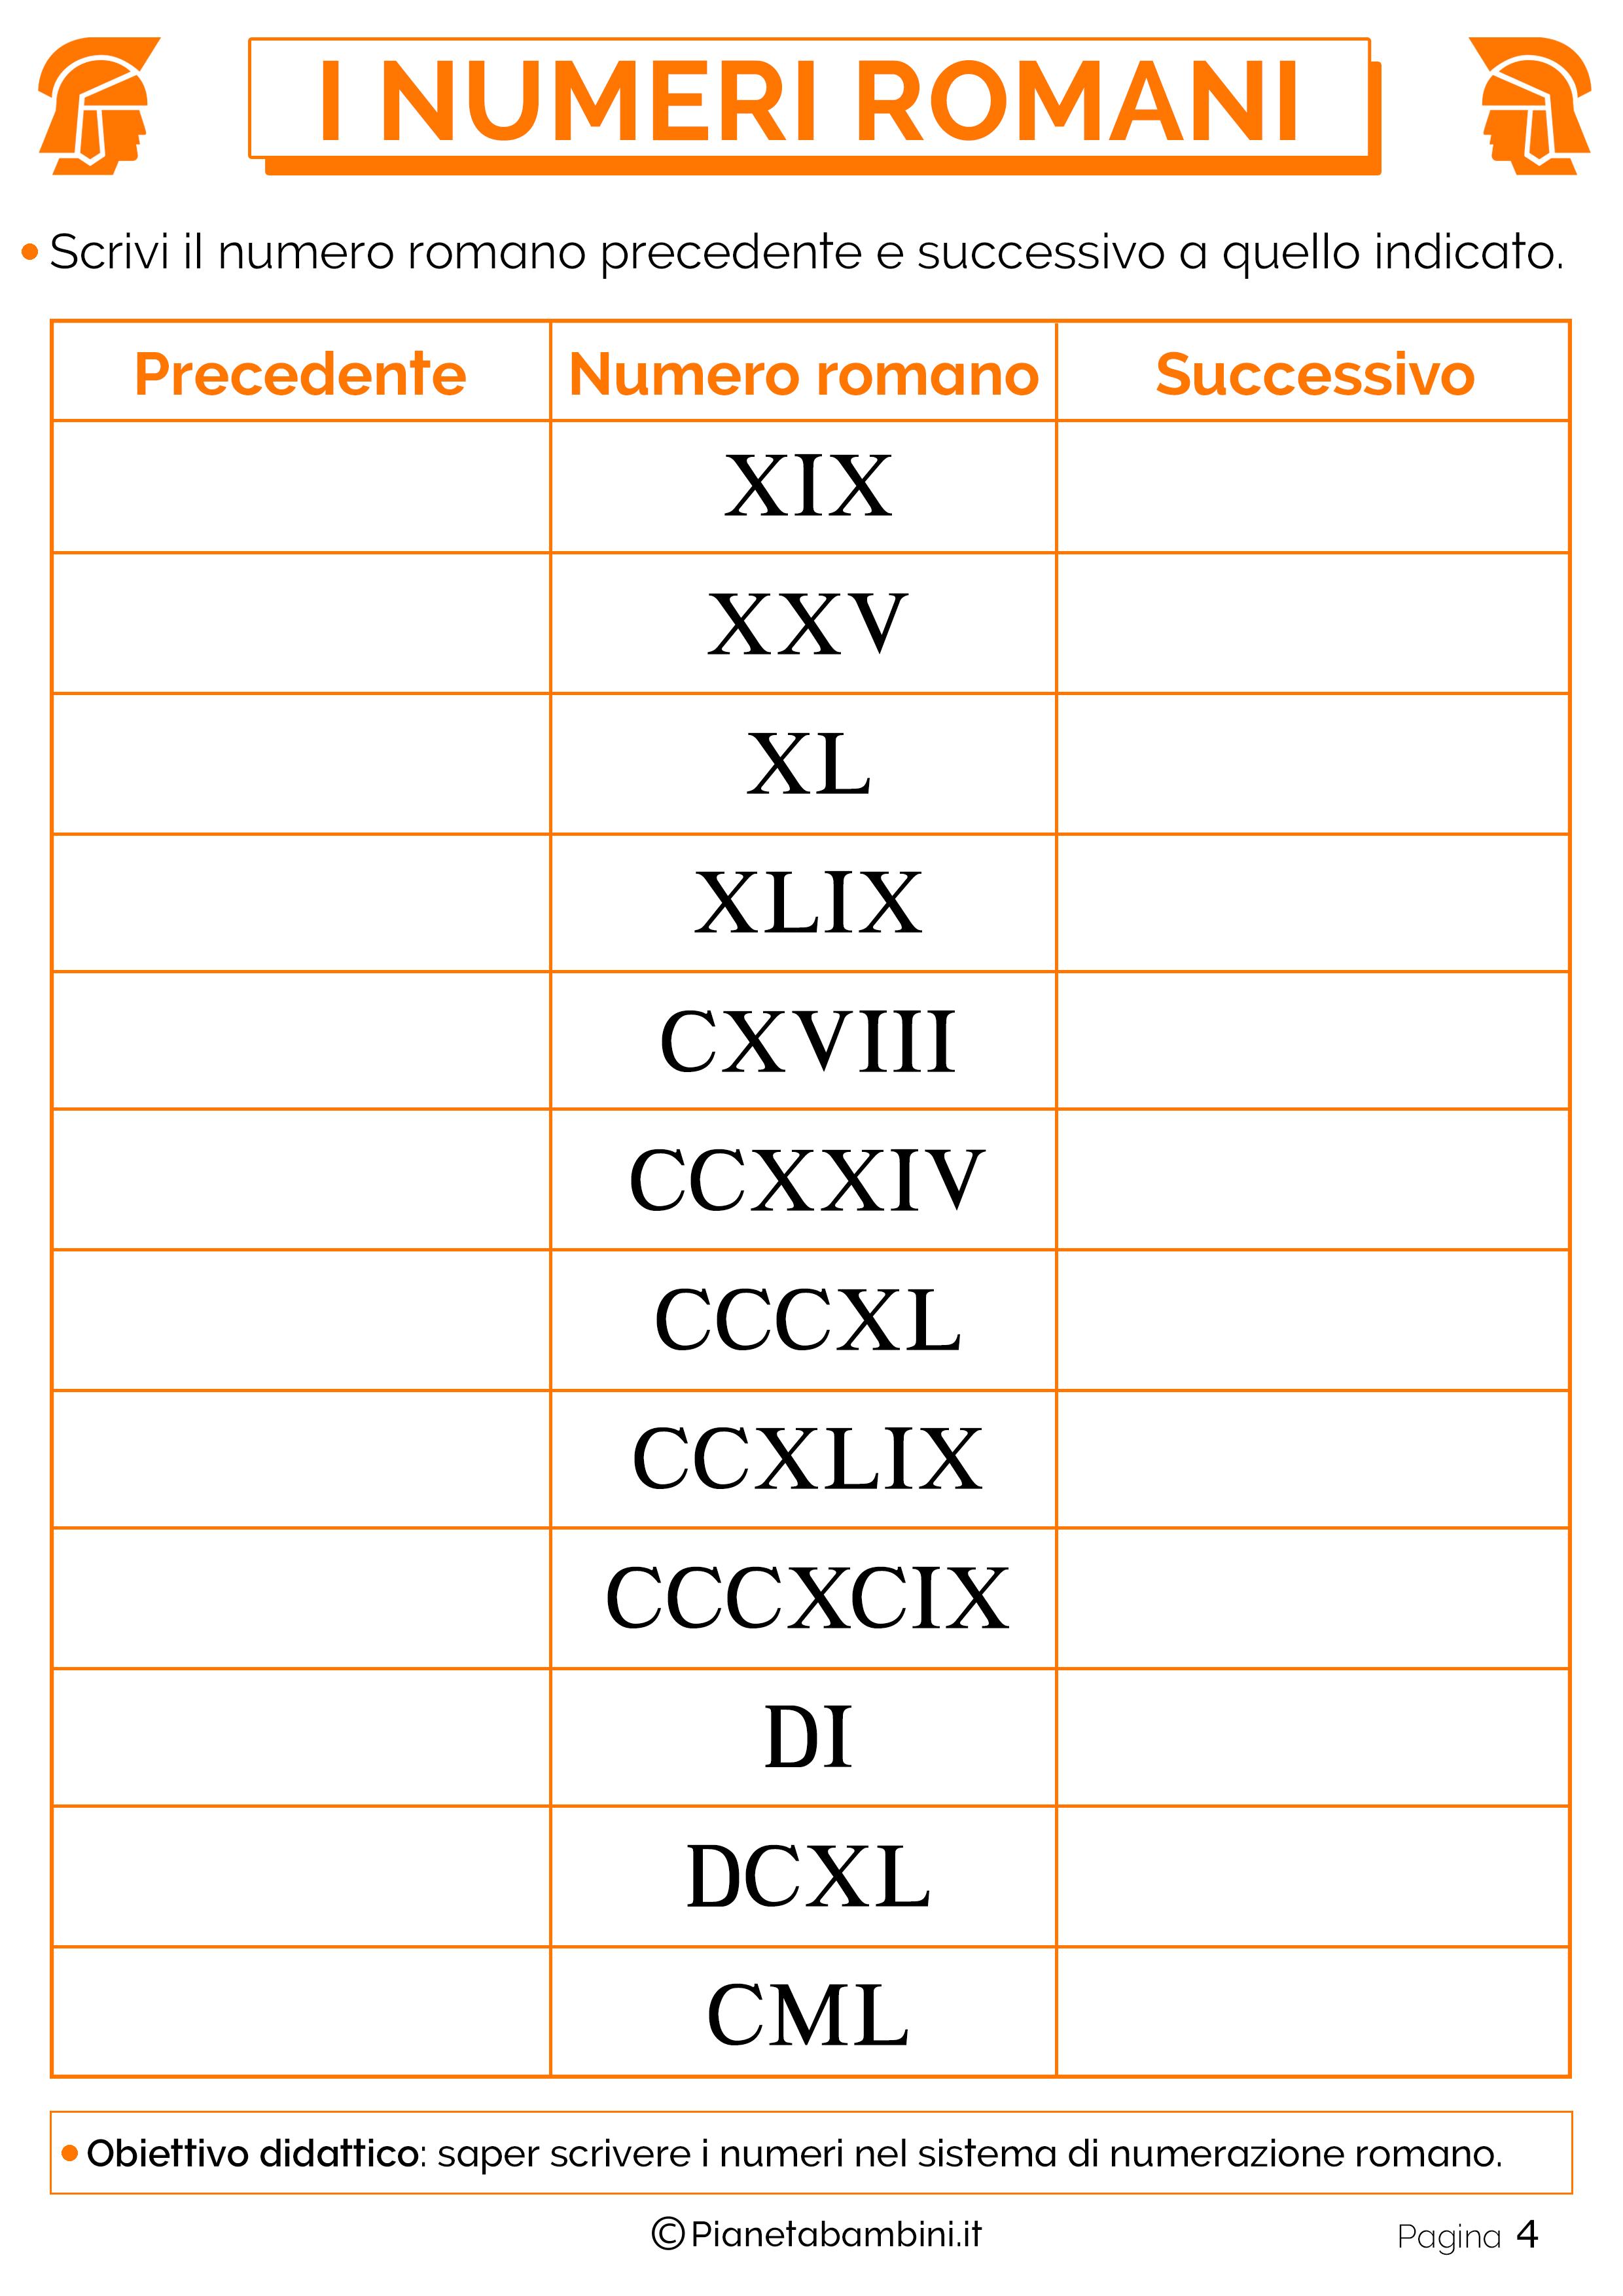 Favorito Esercizi sui Numeri Romani per la Scuola Primaria | PianetaBambini.it MX95